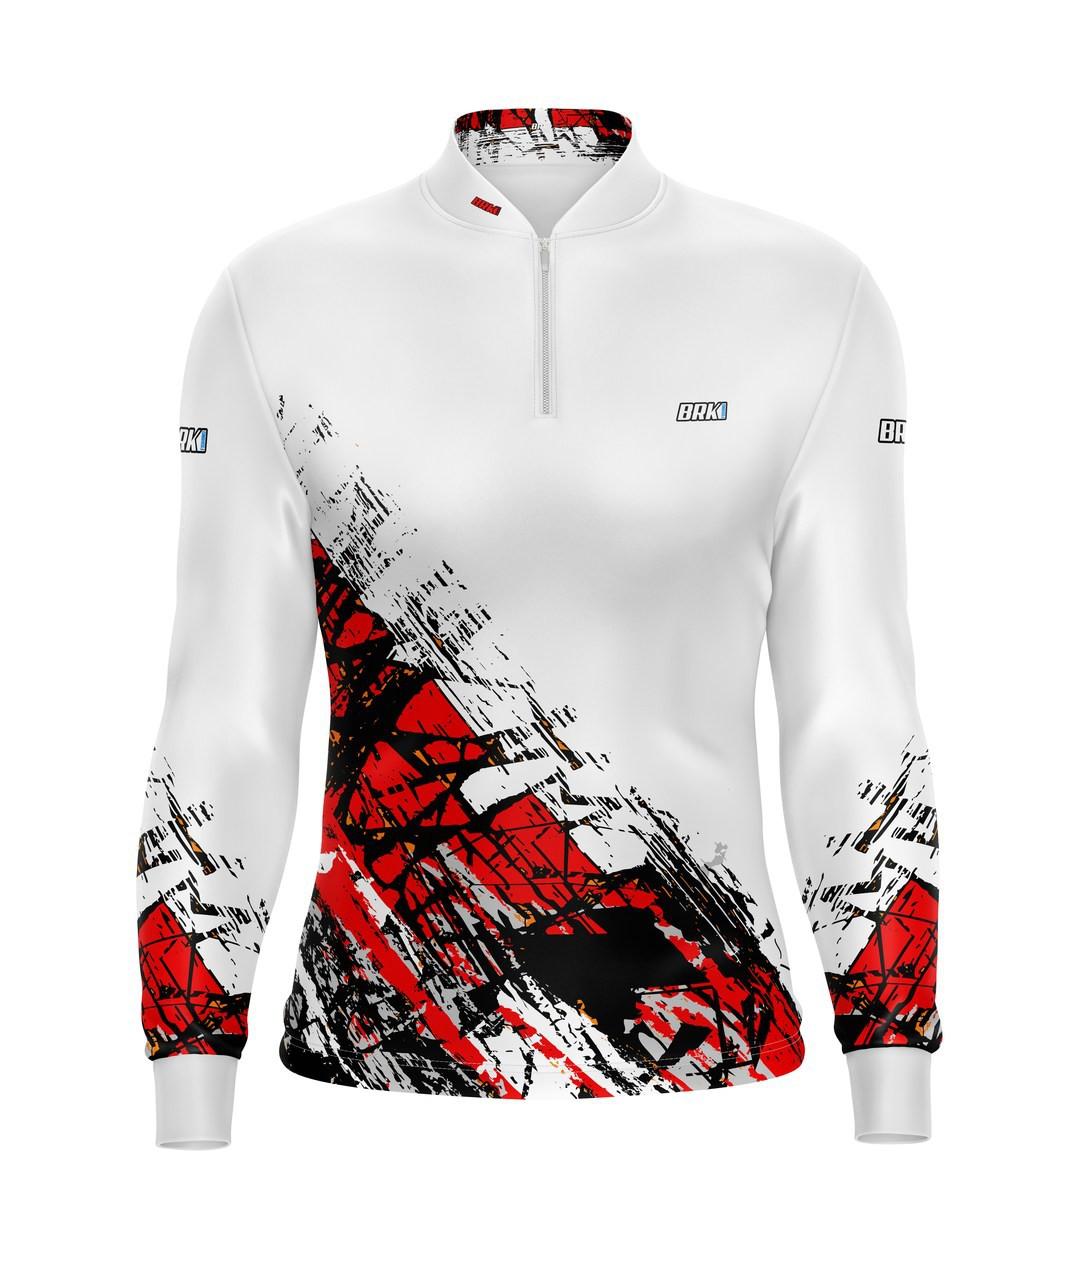 Camisa de Pesca Brk Graphic Branca com Fps 50+